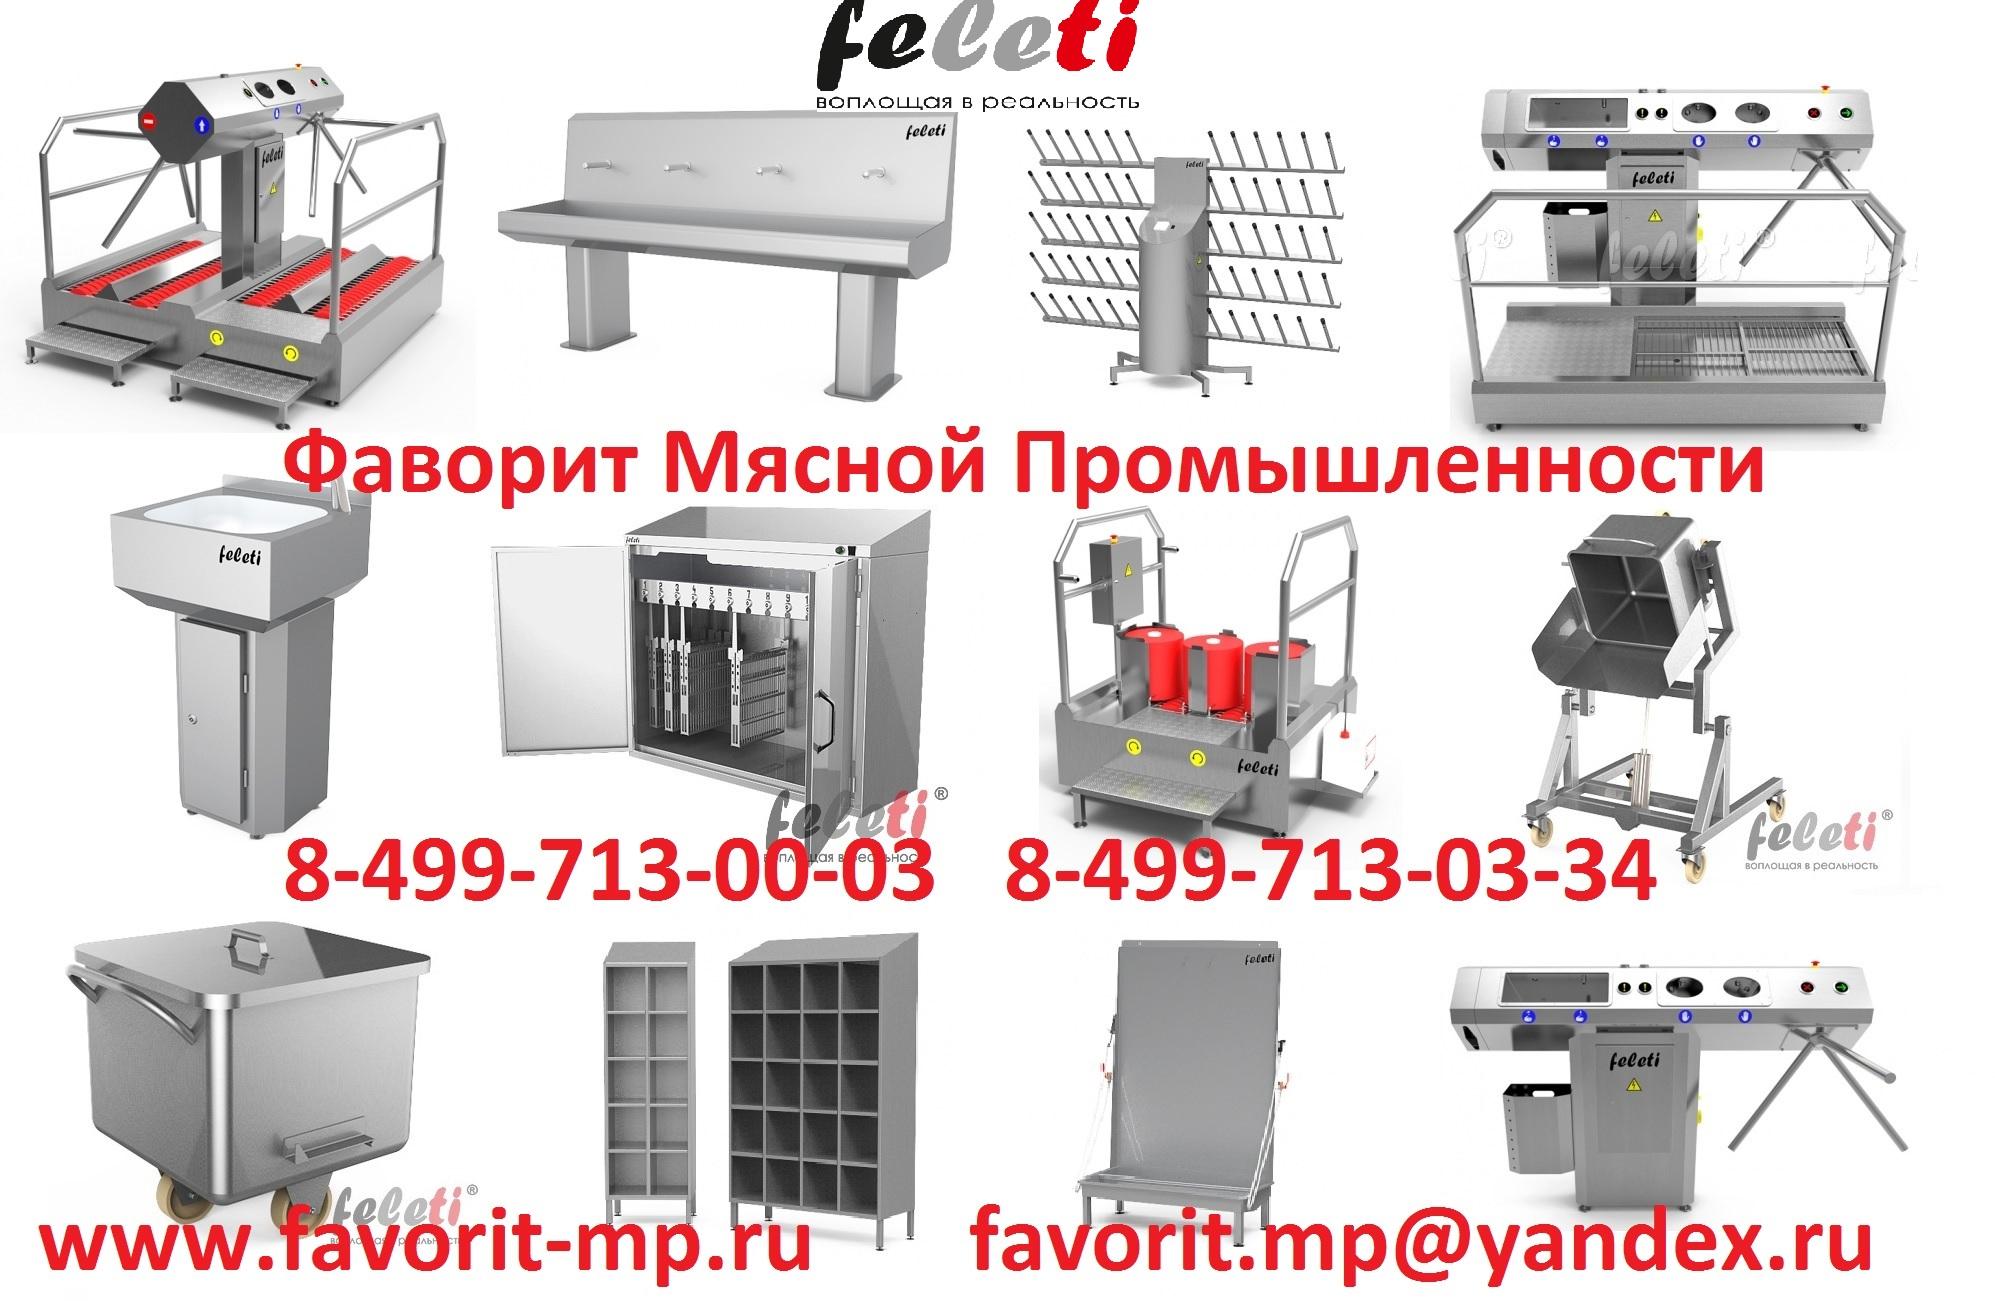 Оборудование для гигиенического оснащения предприятий.